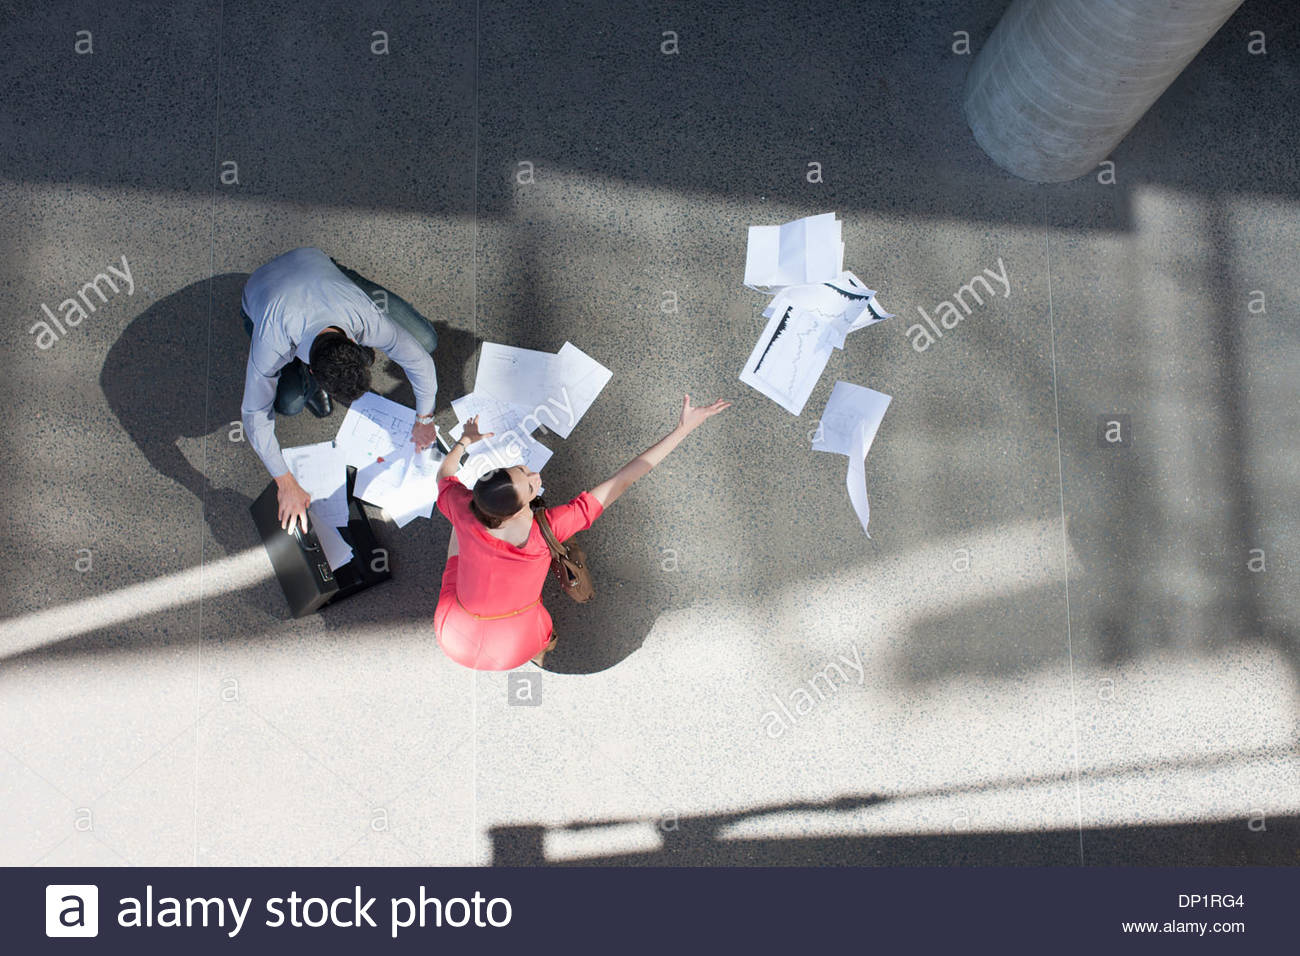 Imprenditore e imprenditrice raccogliere la carta Immagini Stock